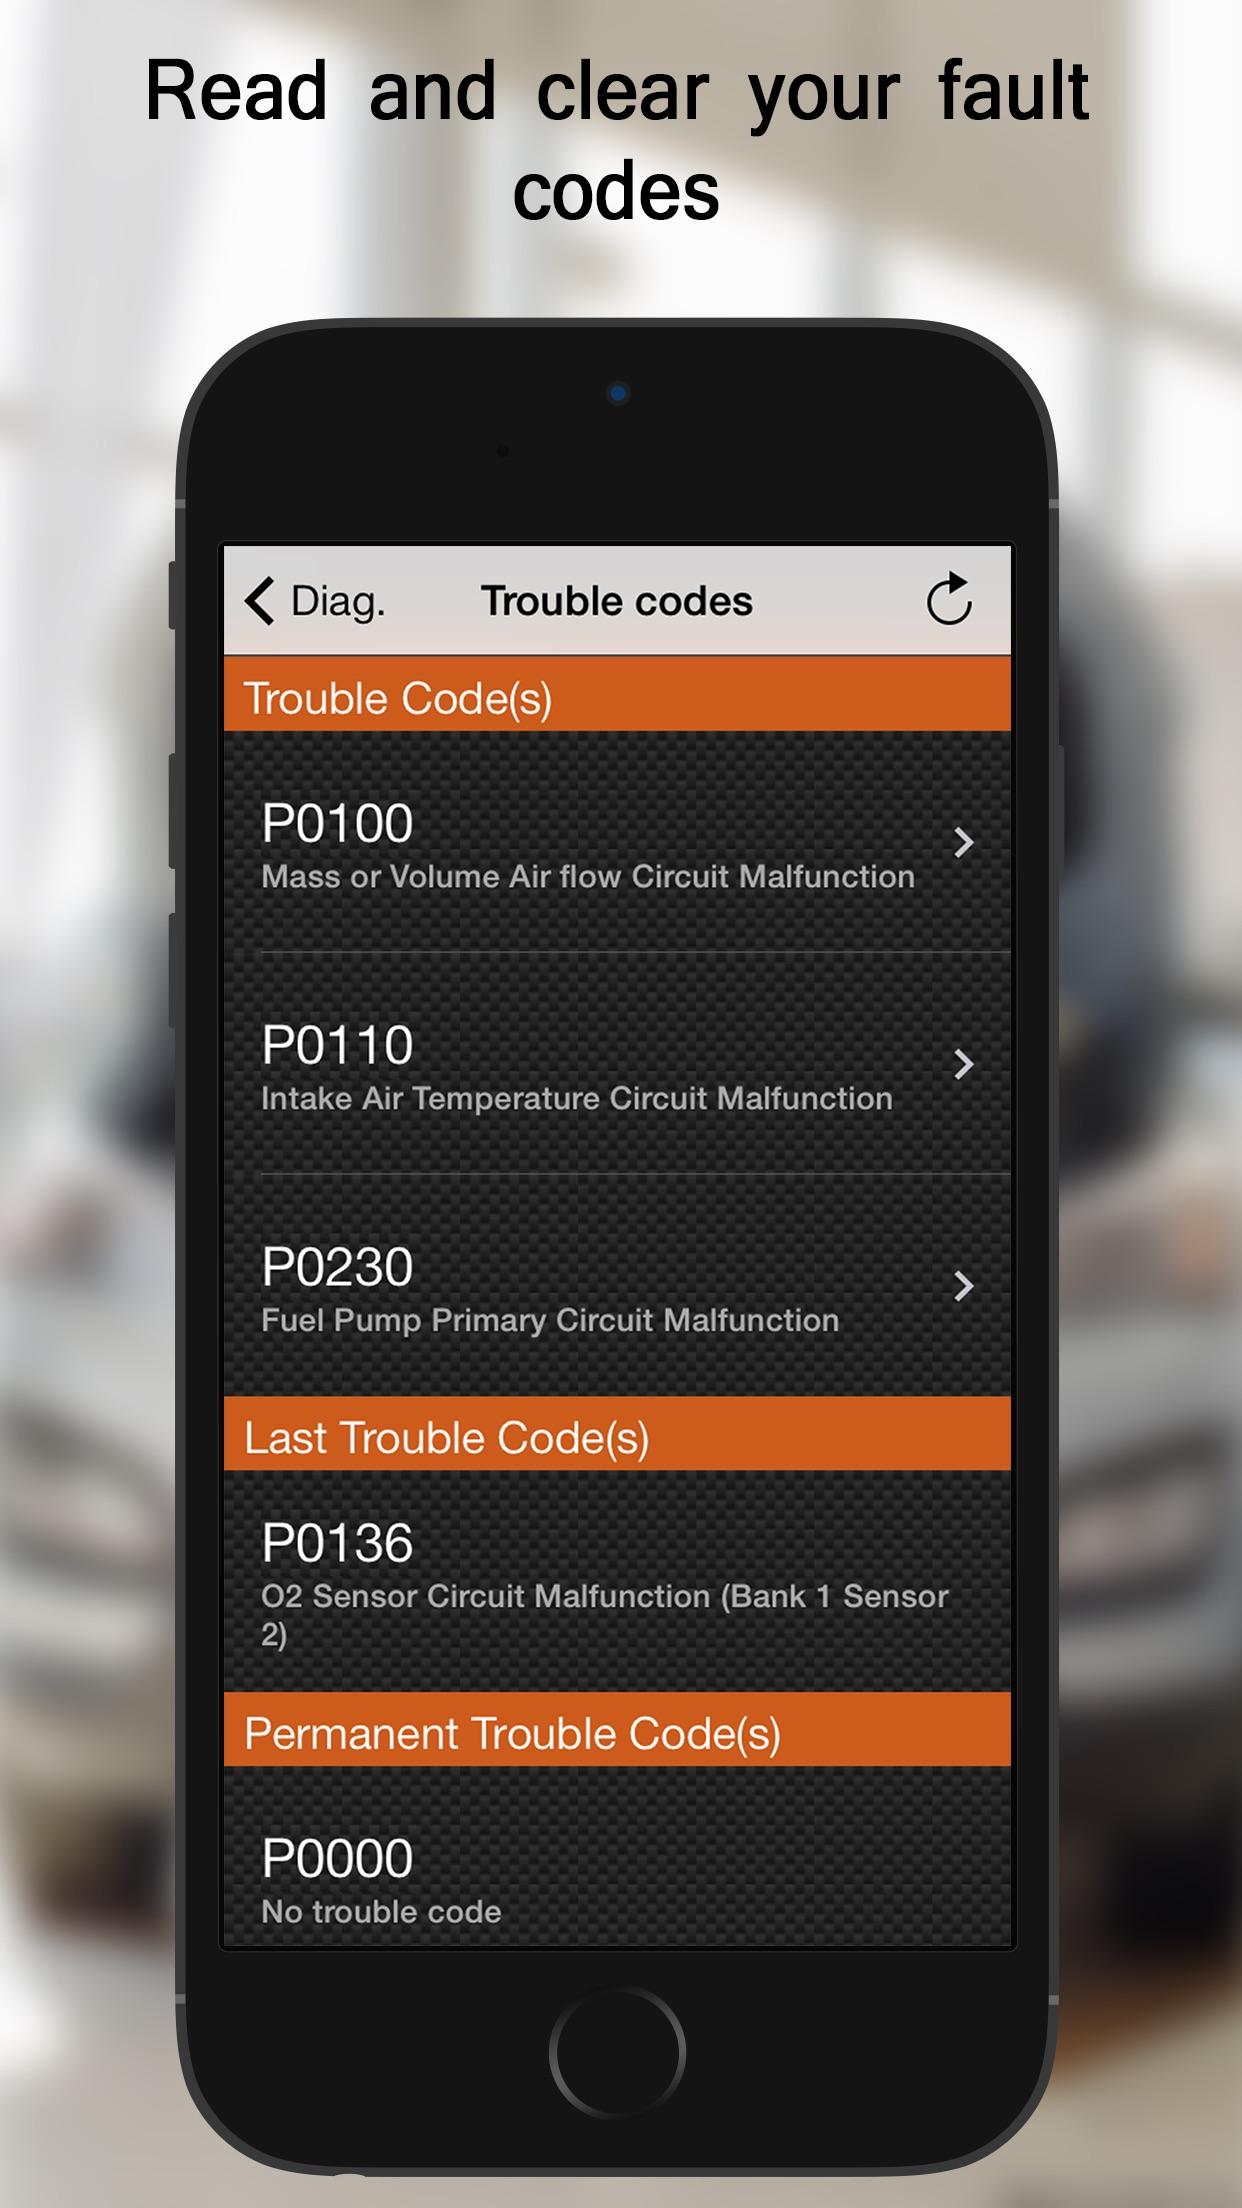 EOBD Facile - OBD2 Car Diagnostic Scan Tool Screenshot